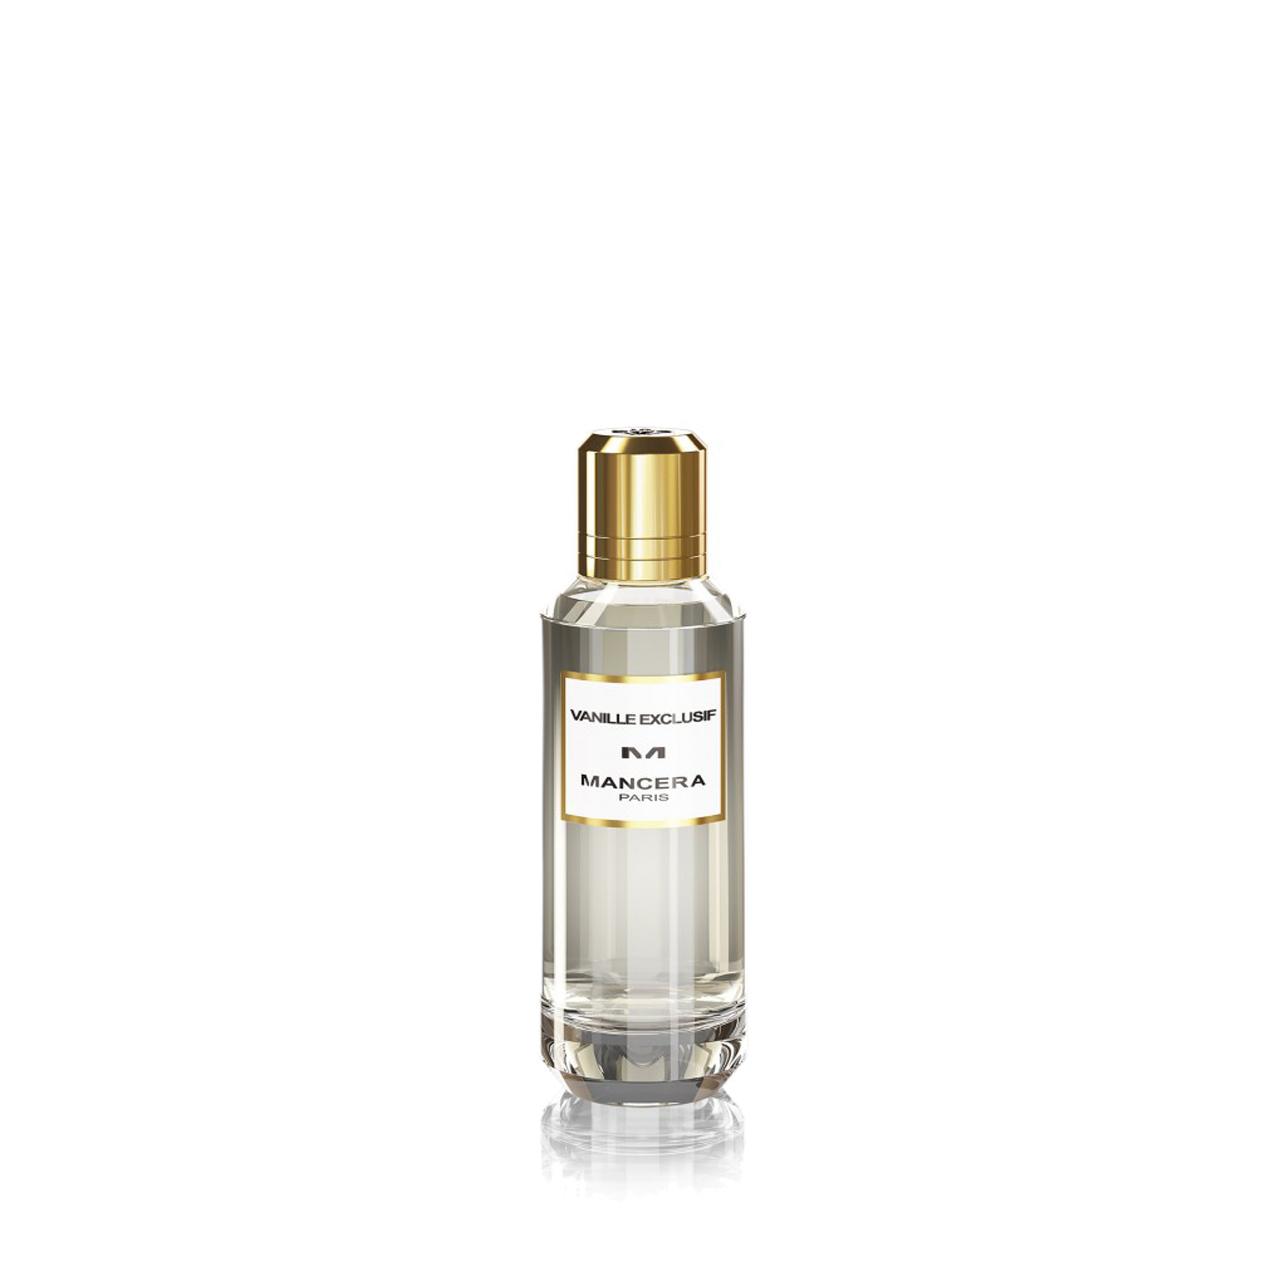 Vanille Exclusive - Eau de Parfum